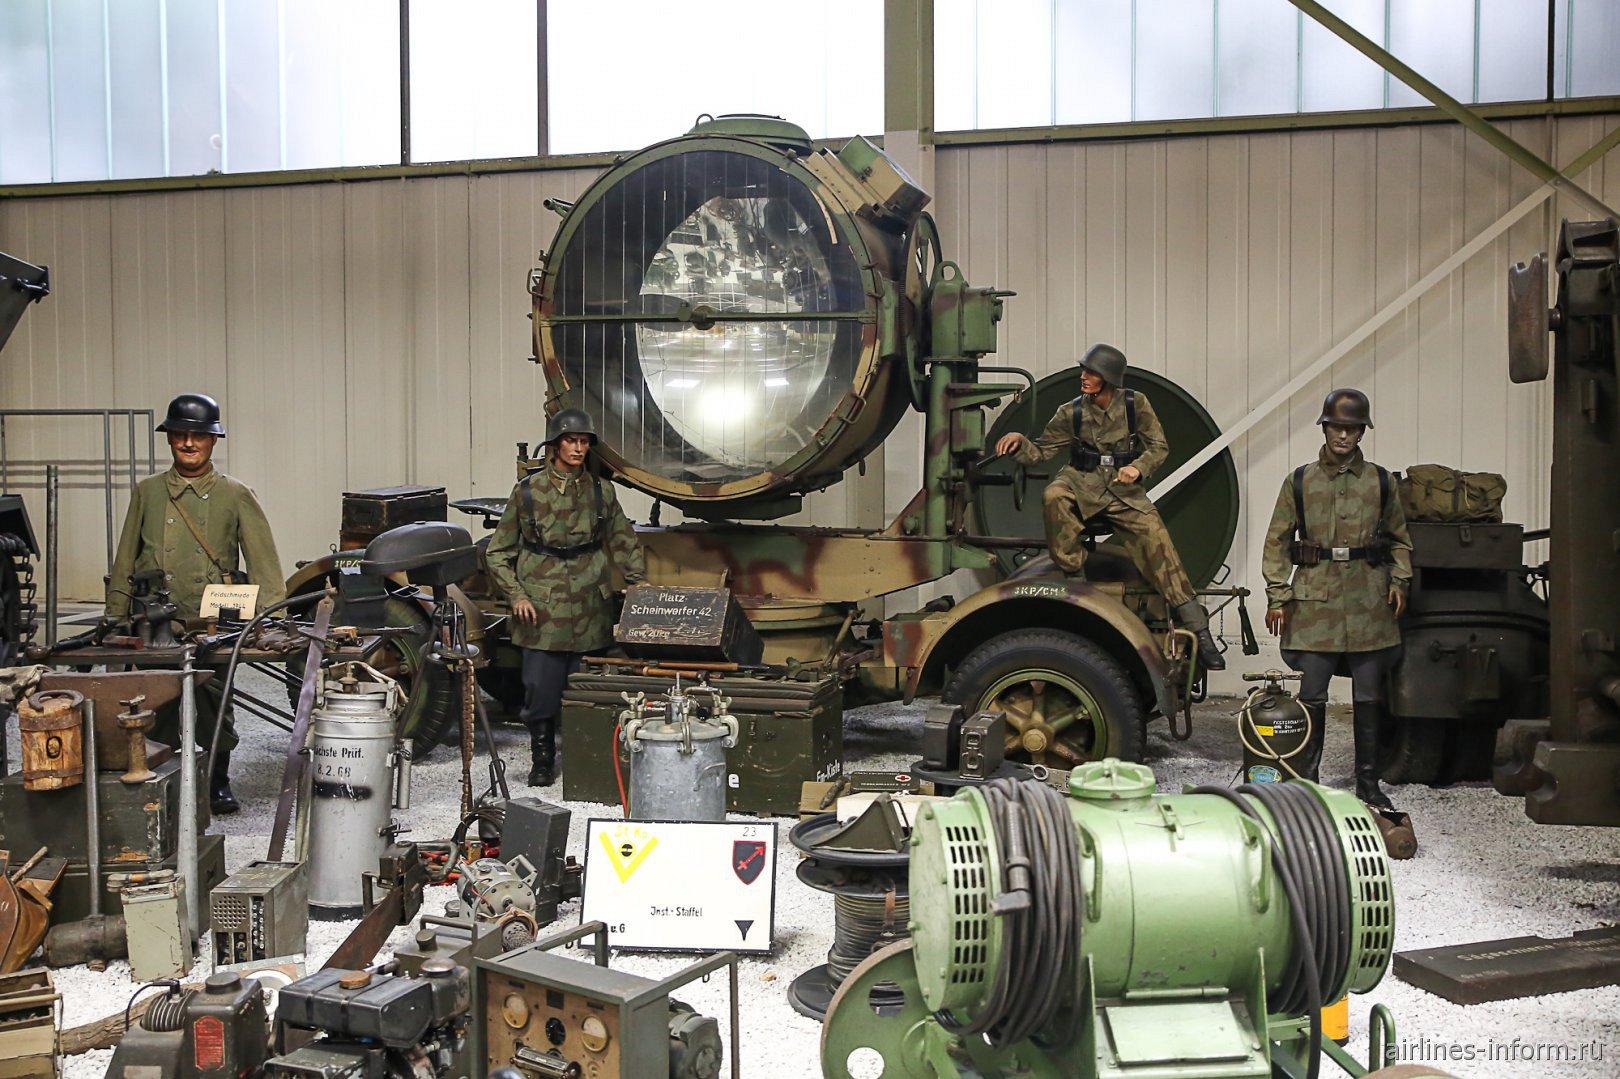 Прожектор ПВО в музее техники в Зинсхайме